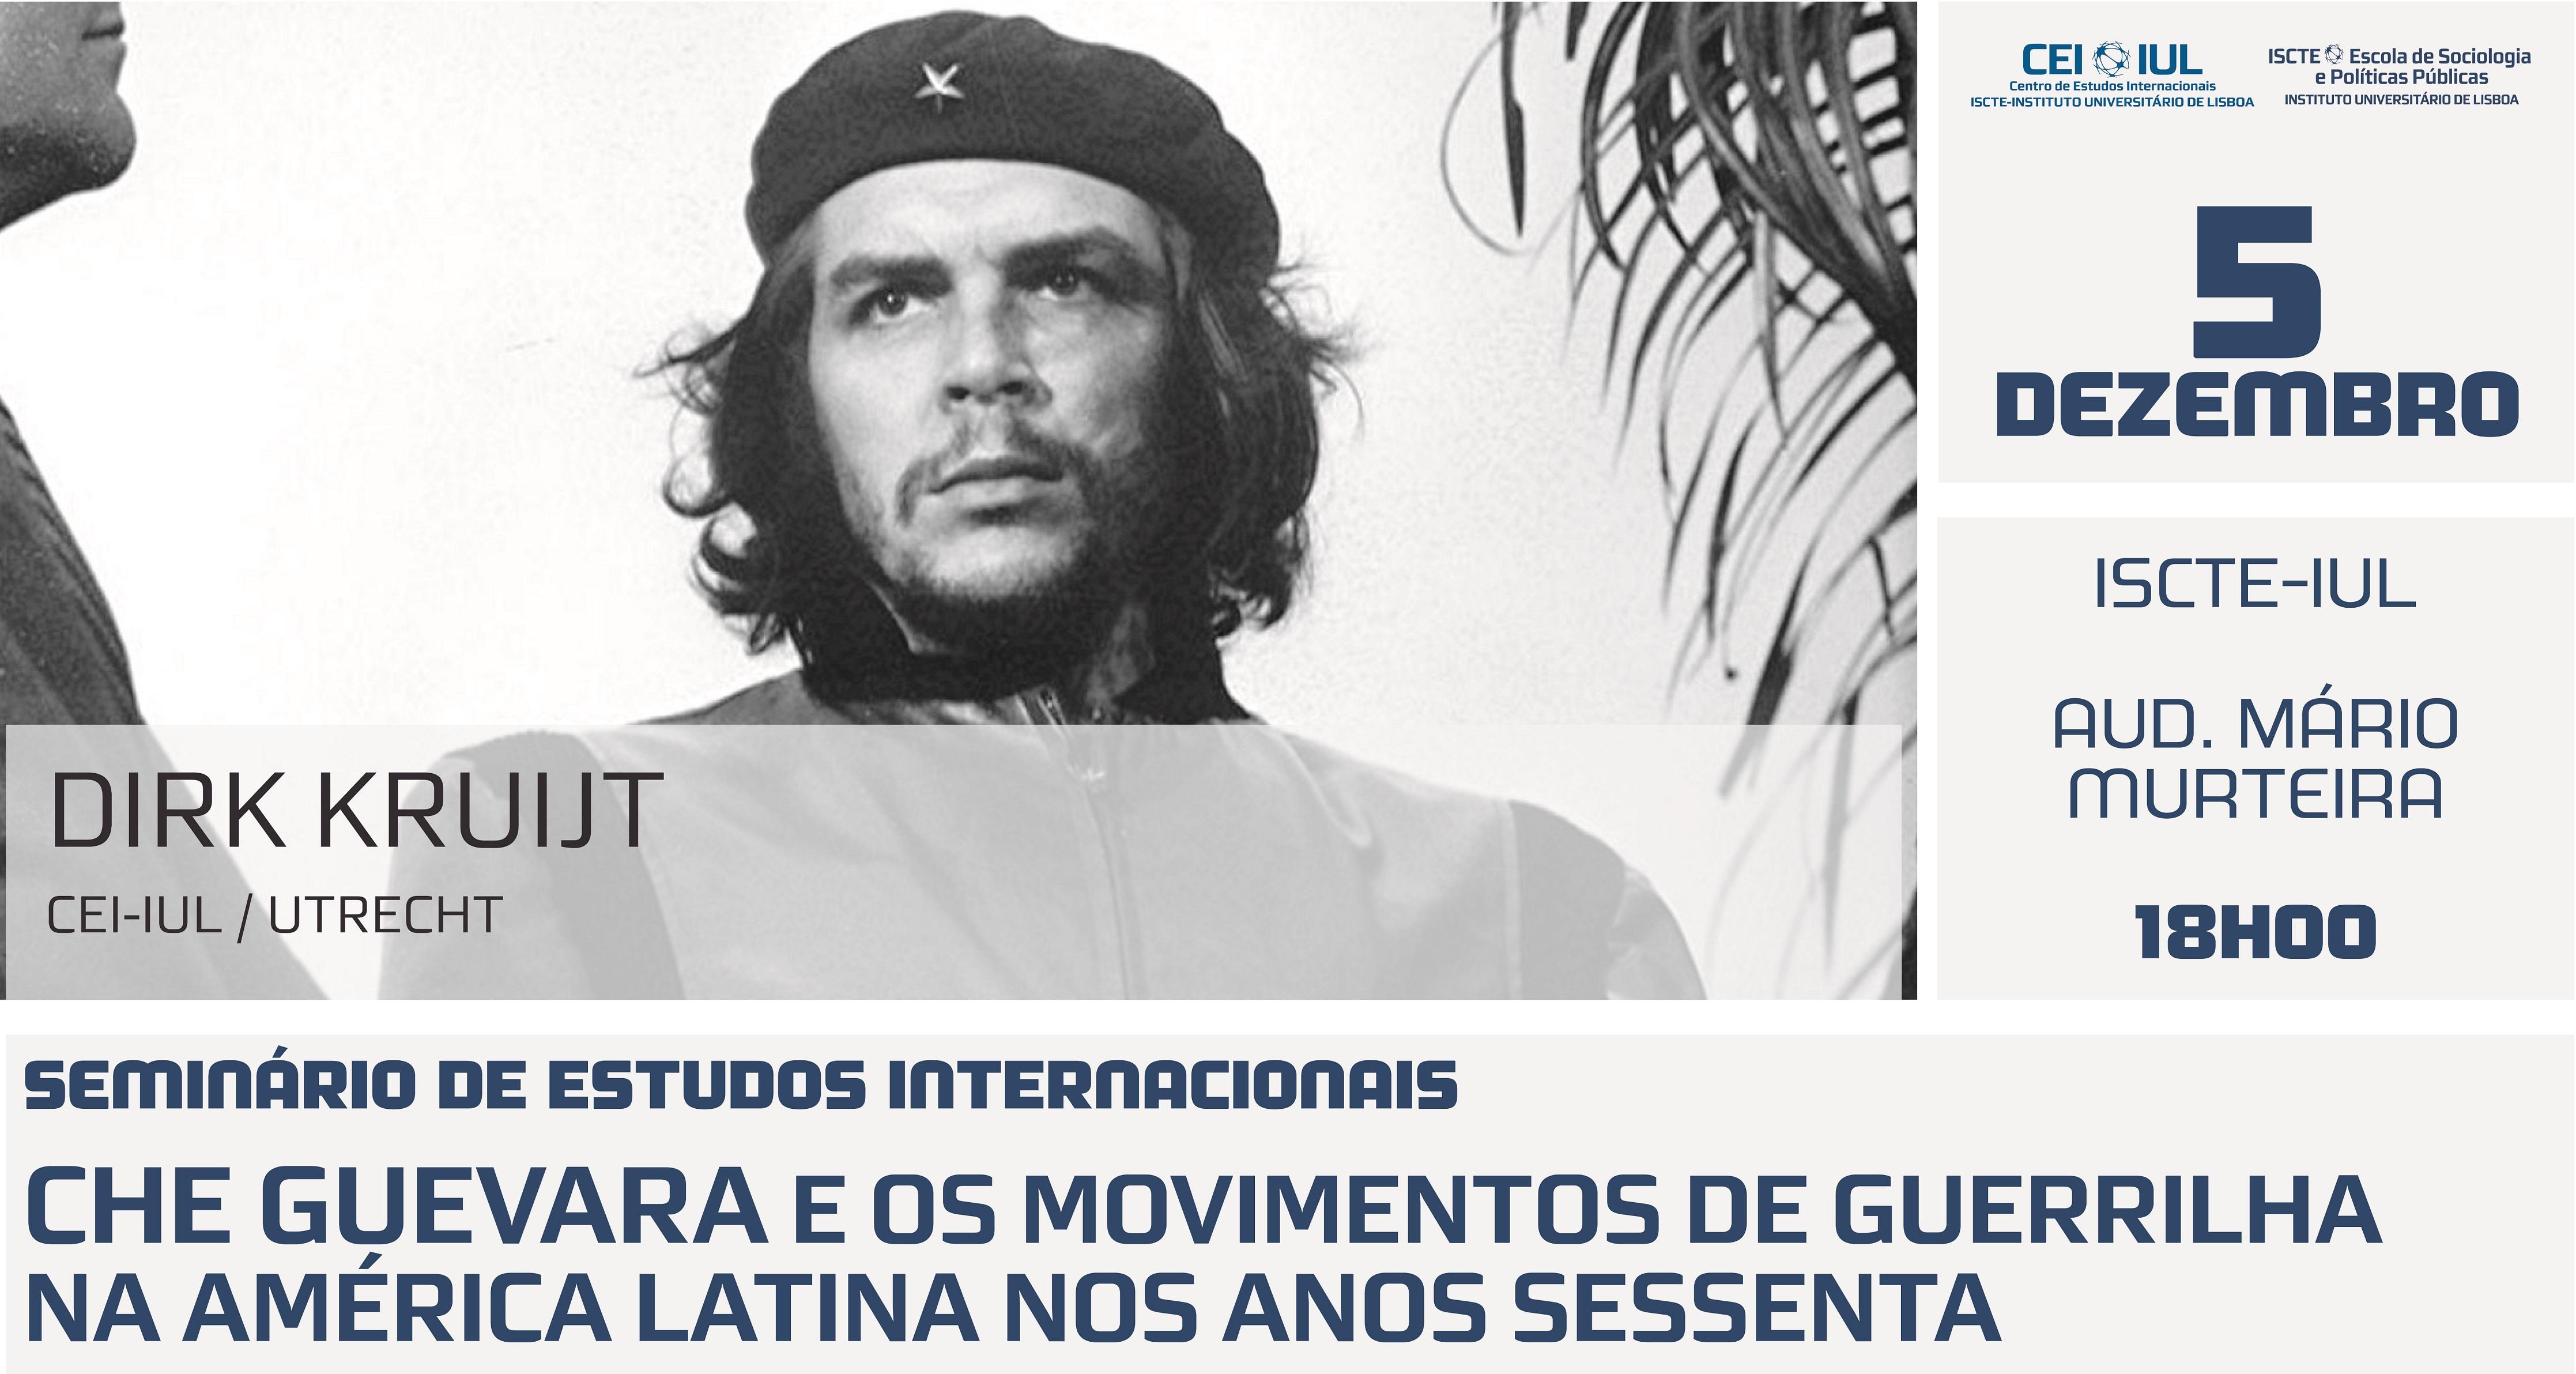 Conferência: Che Guevara e os movimentos de guerrilha na America Latina nos anos sessenta